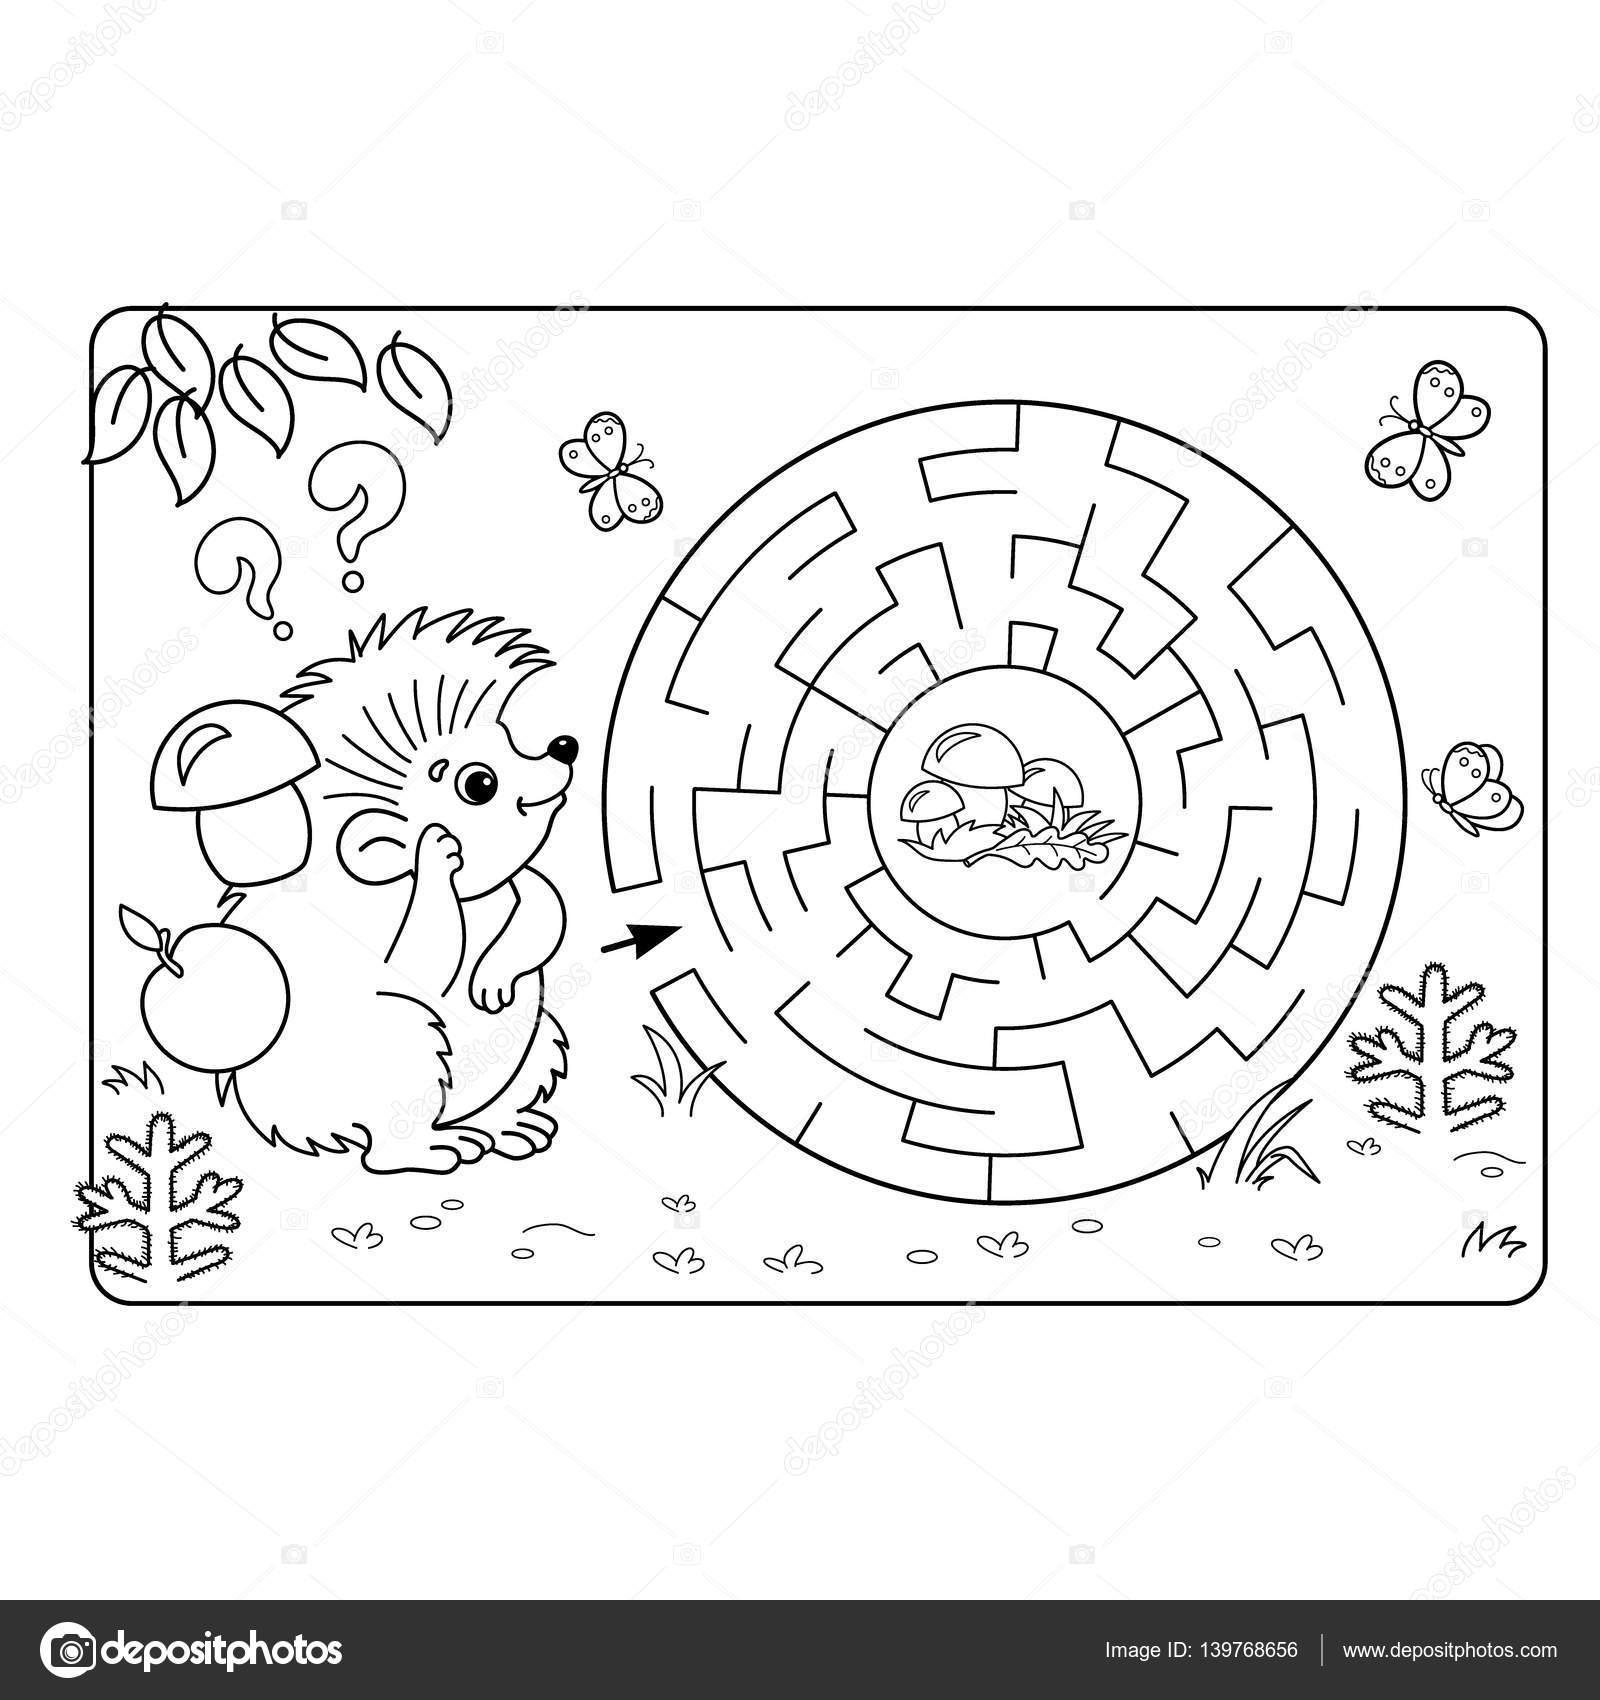 幼児の教育迷路や迷宮ゲームの漫画ベクトルの例パズルページ概要の